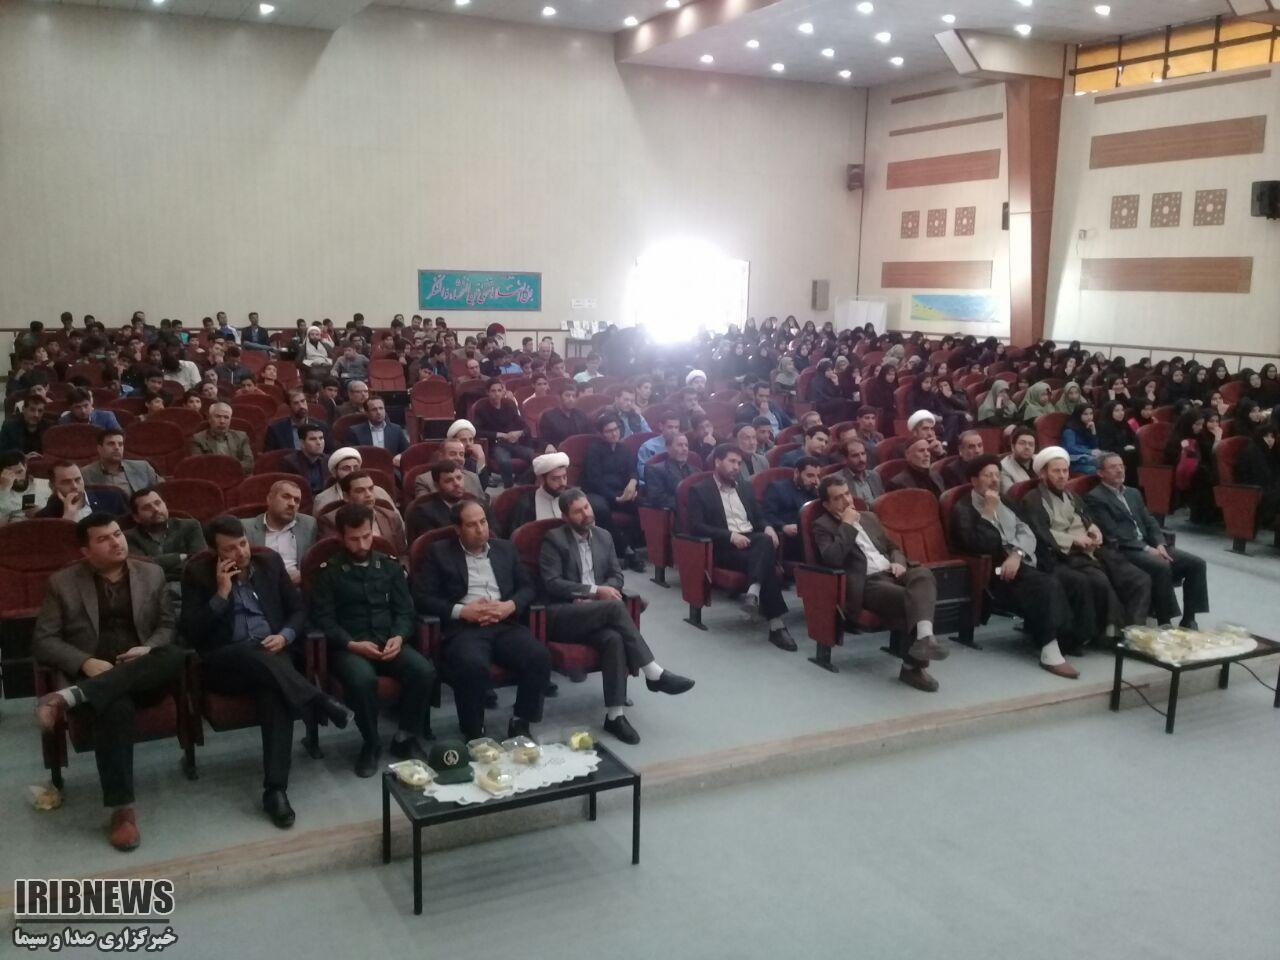 اجلاس نماز شهرستان کبودراهنگ+عکس